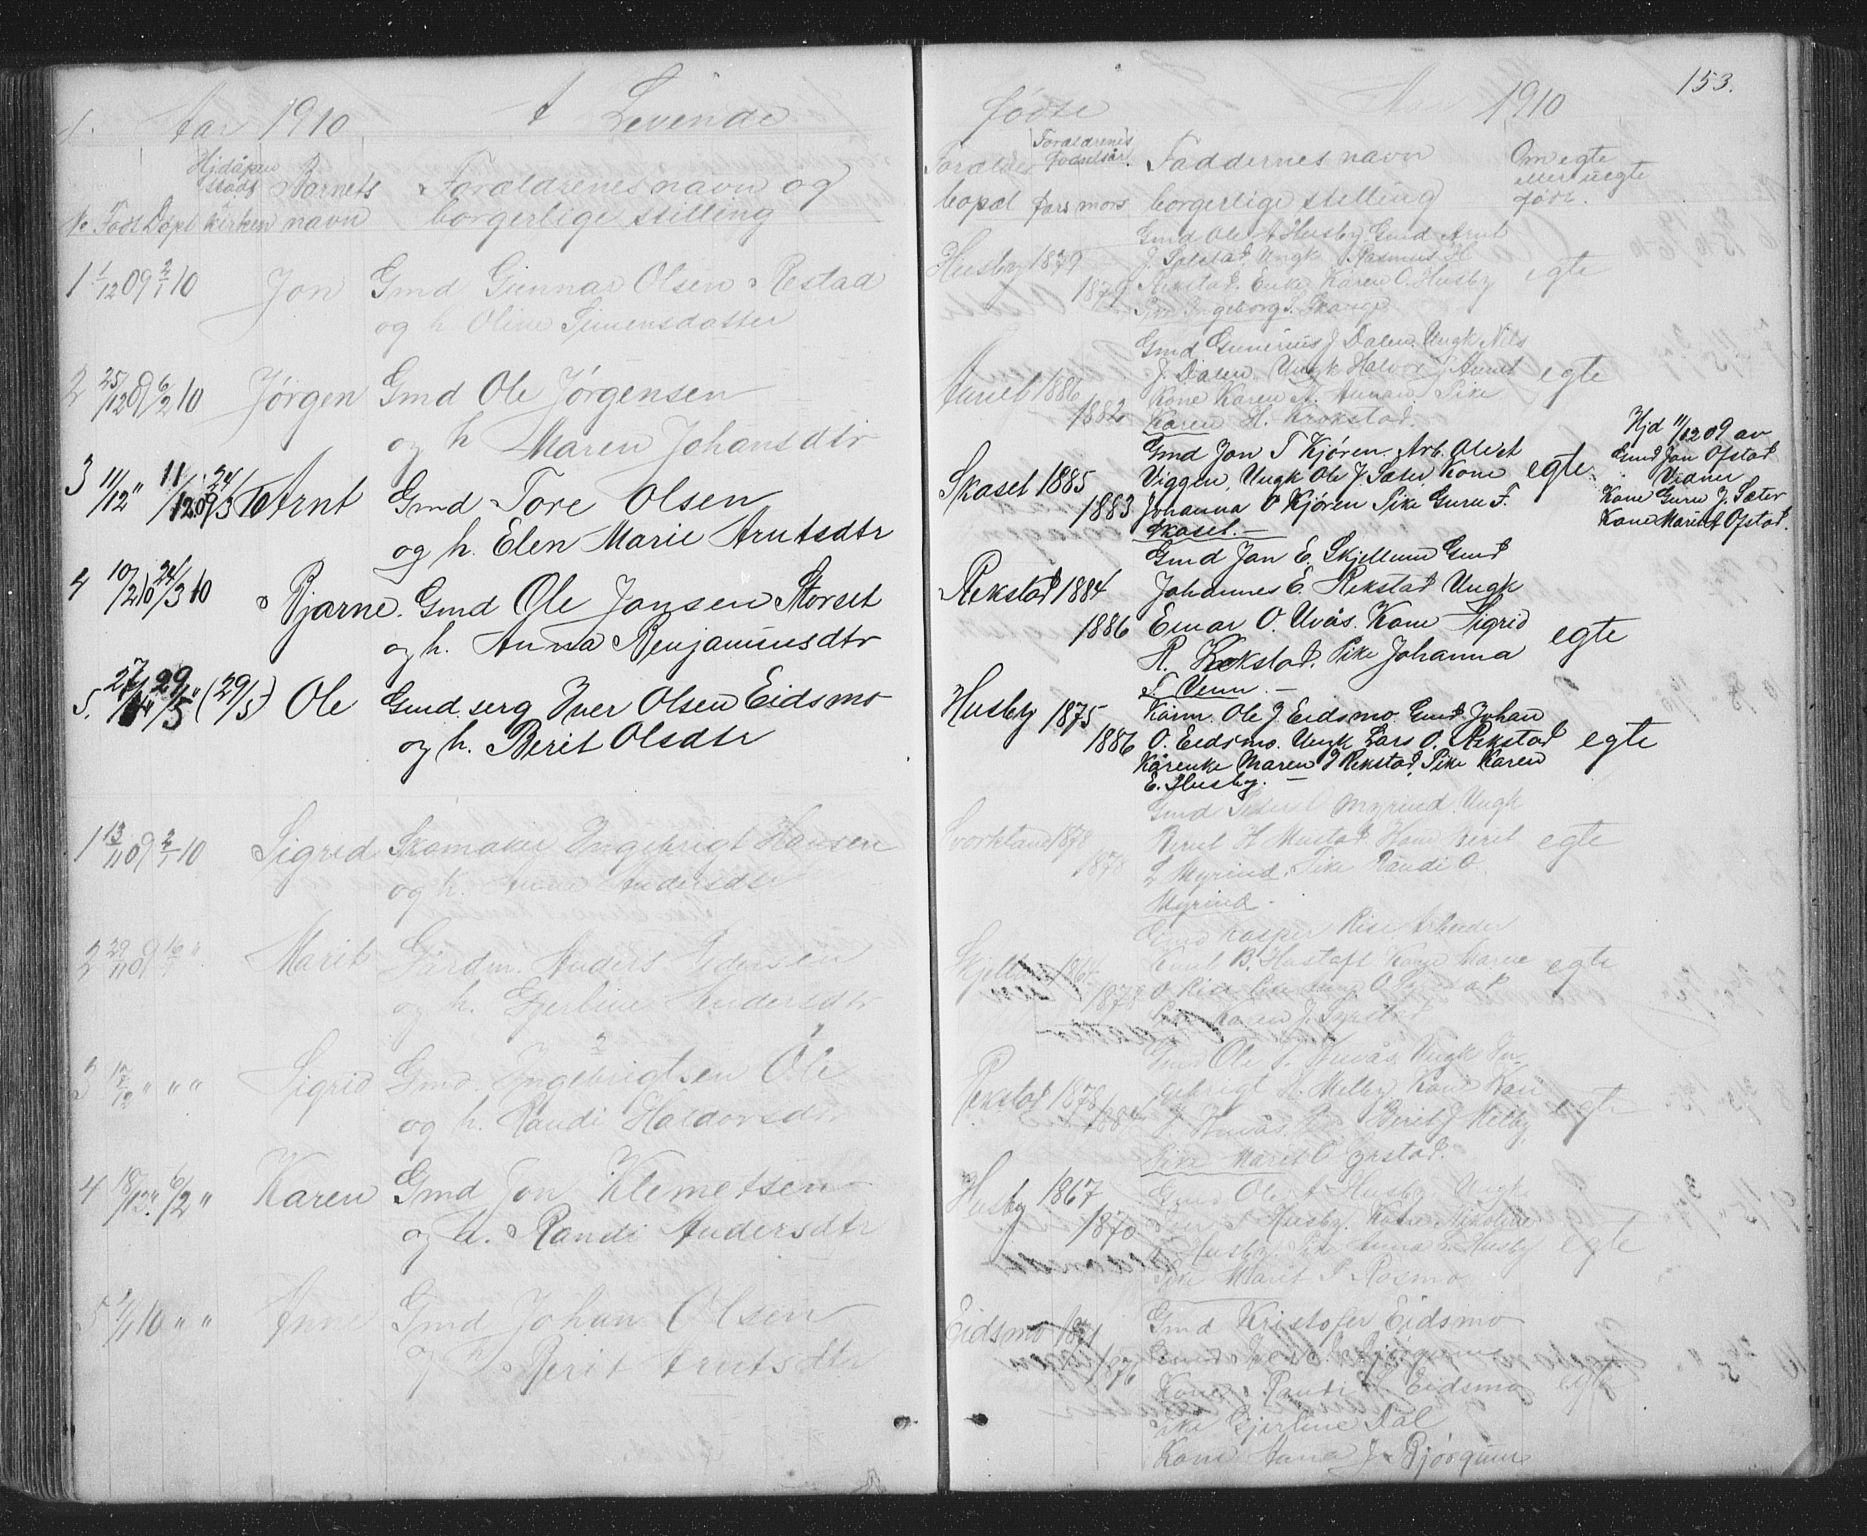 SAT, Ministerialprotokoller, klokkerbøker og fødselsregistre - Sør-Trøndelag, 667/L0798: Klokkerbok nr. 667C03, 1867-1929, s. 153